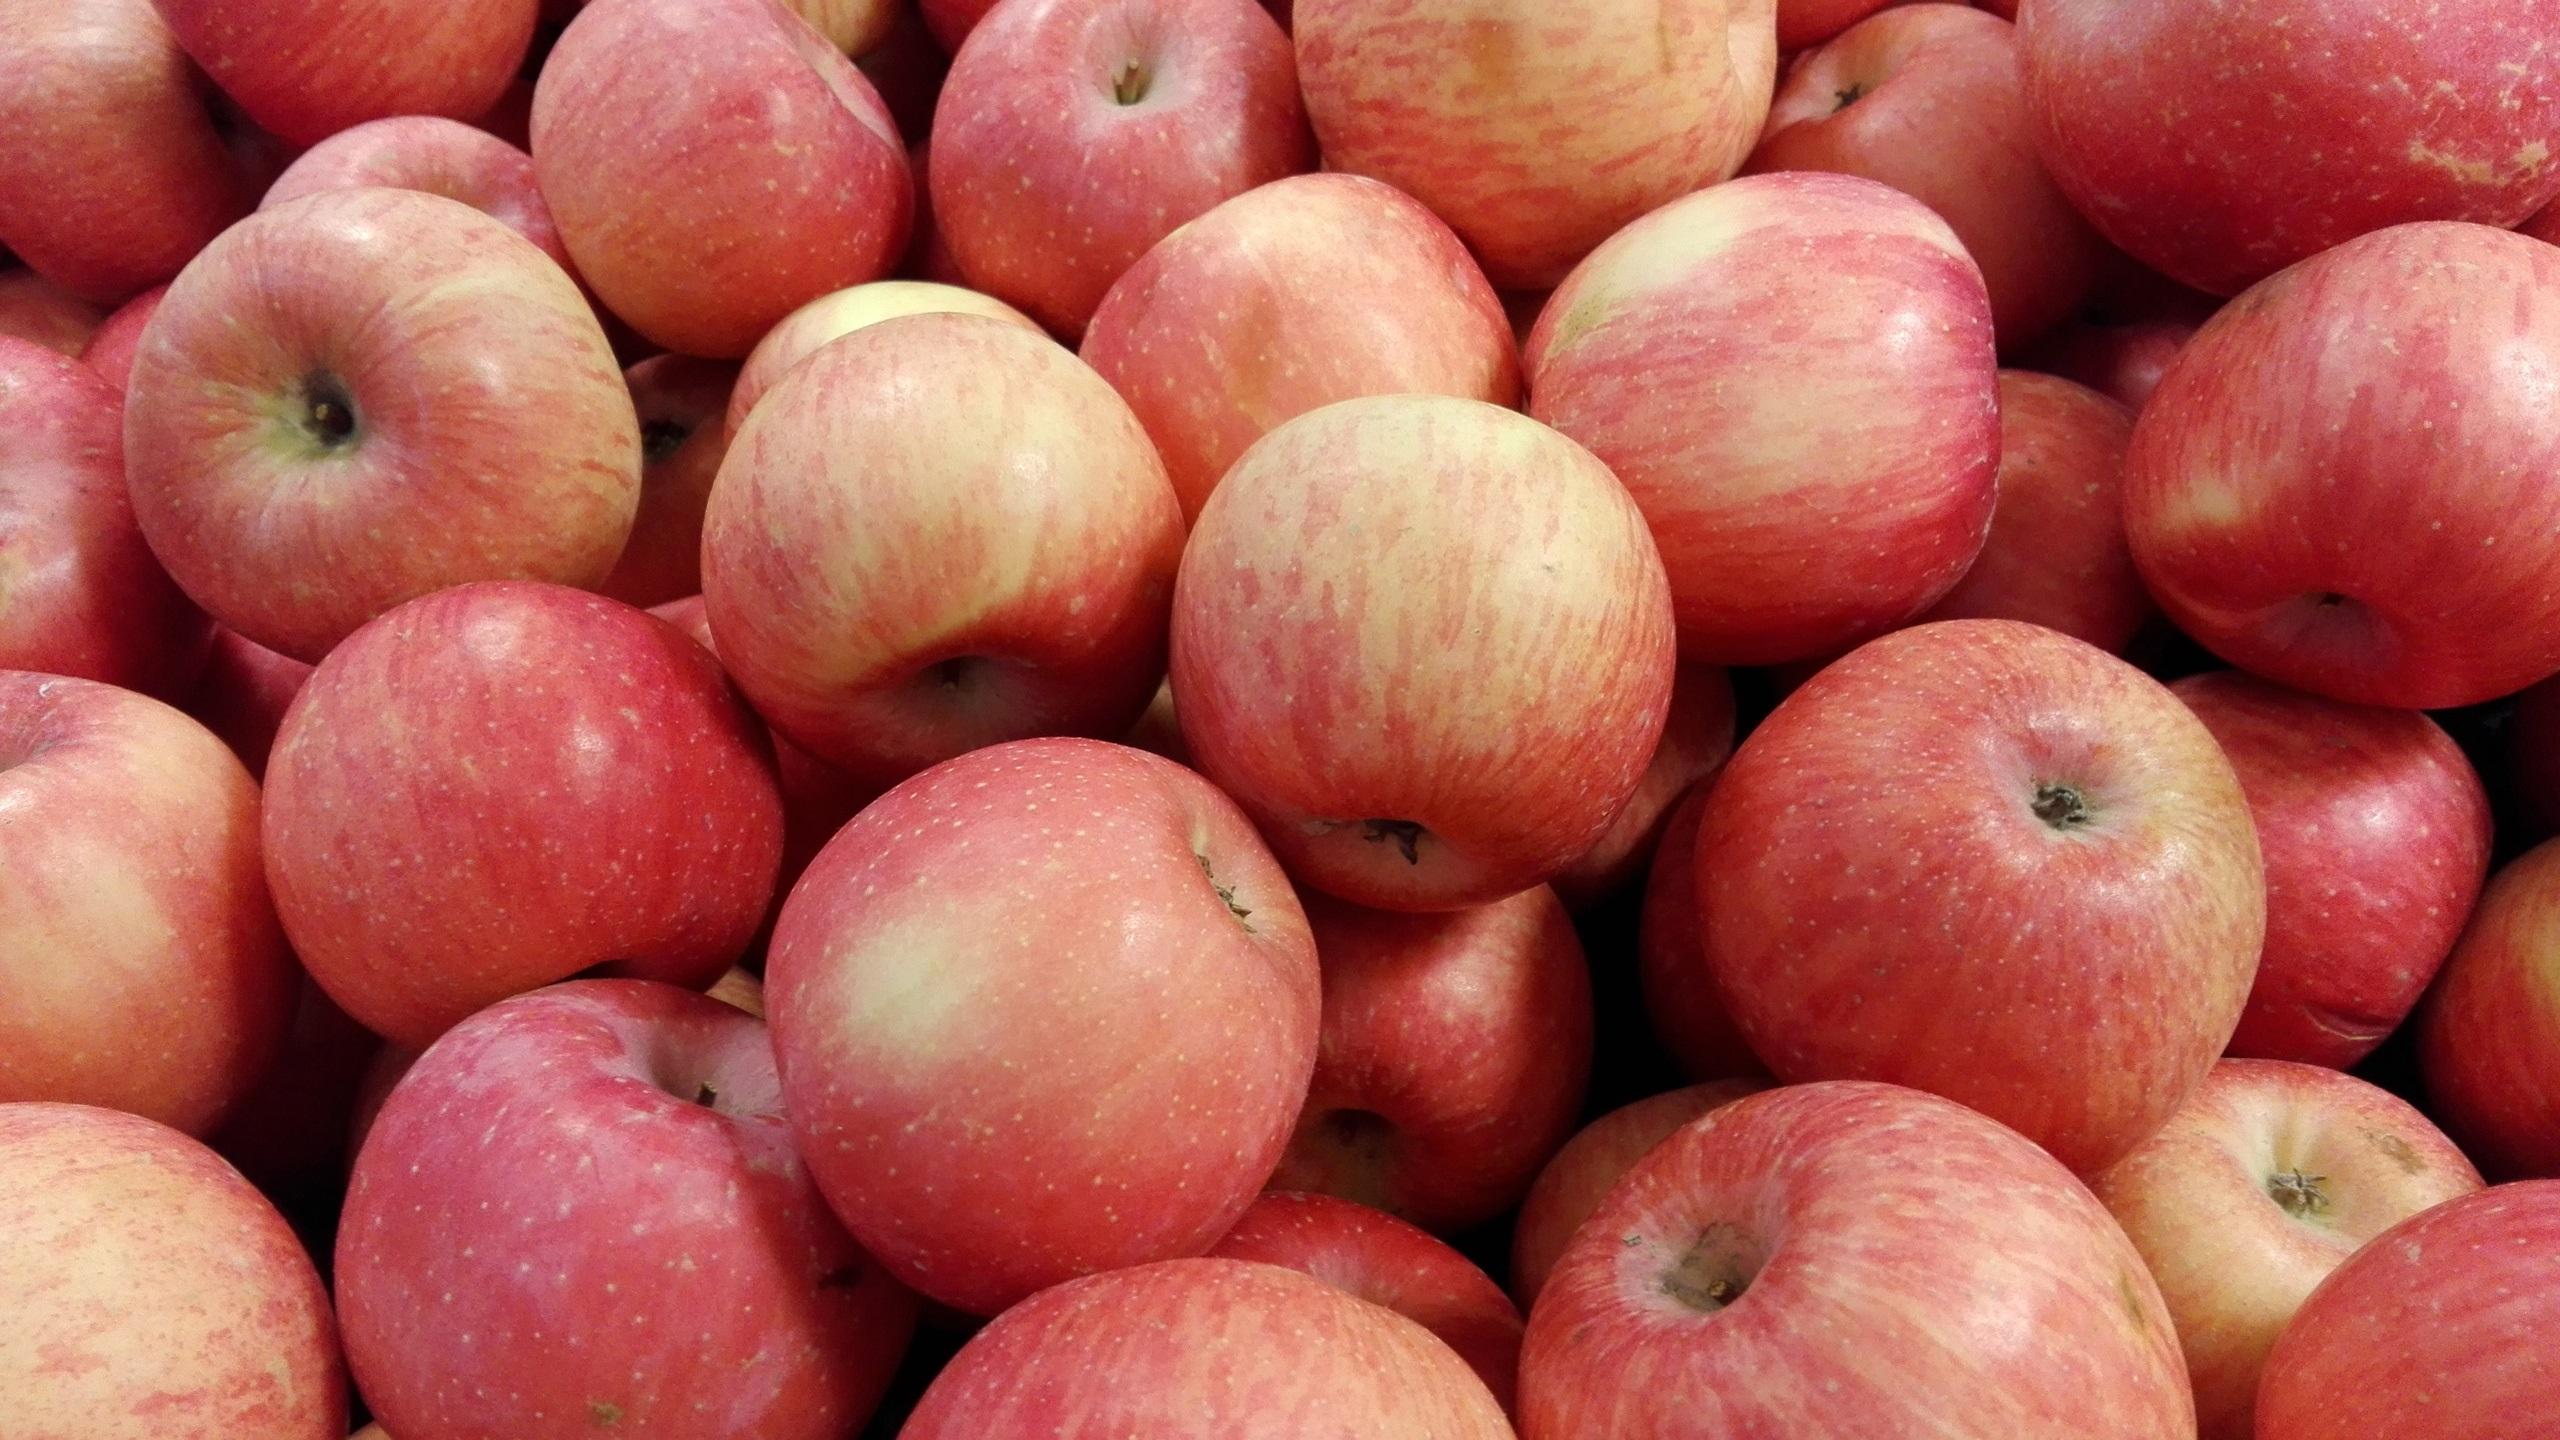 Fonds Décran Beaucoup De Pommes Rouges 2560x1440 Qhd Image